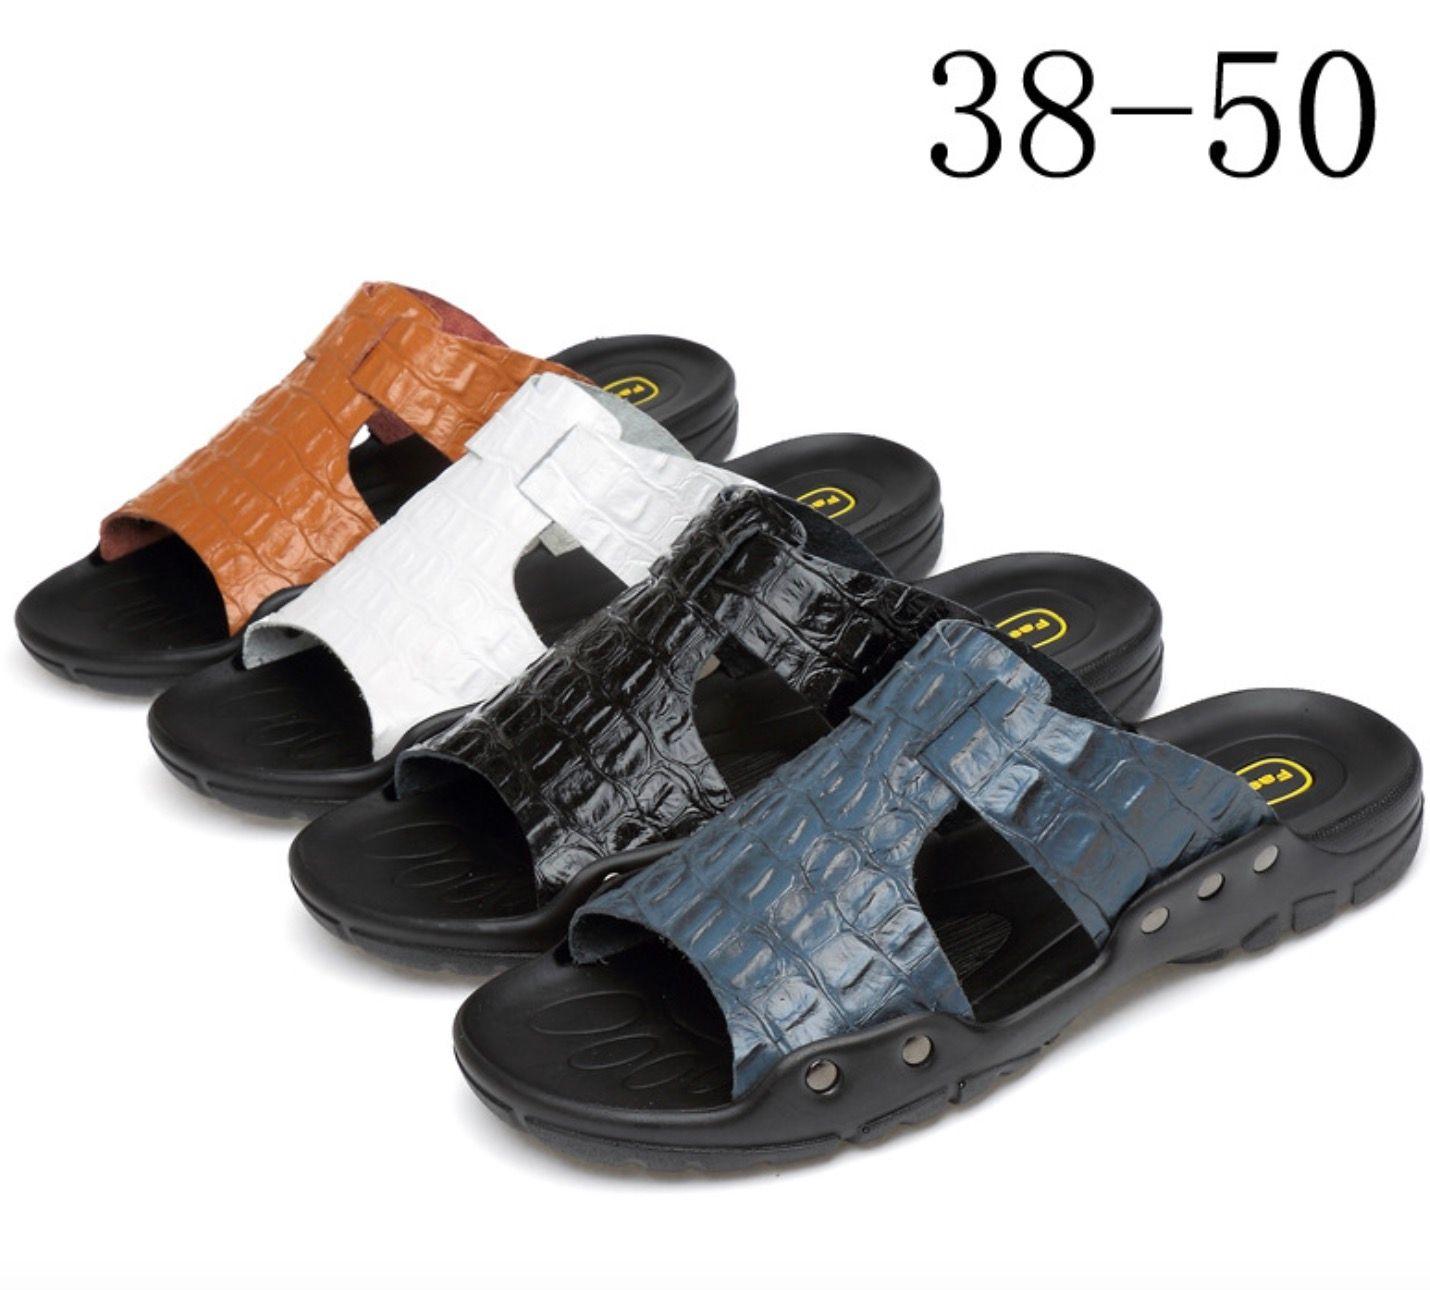 2019 cuero genuino de los hombres chanclas zapatillas de diseño de cocodrilo marca sandalias de verano Seaside Beach Flats zapatos de gran tamaño EE.UU. 7- 15